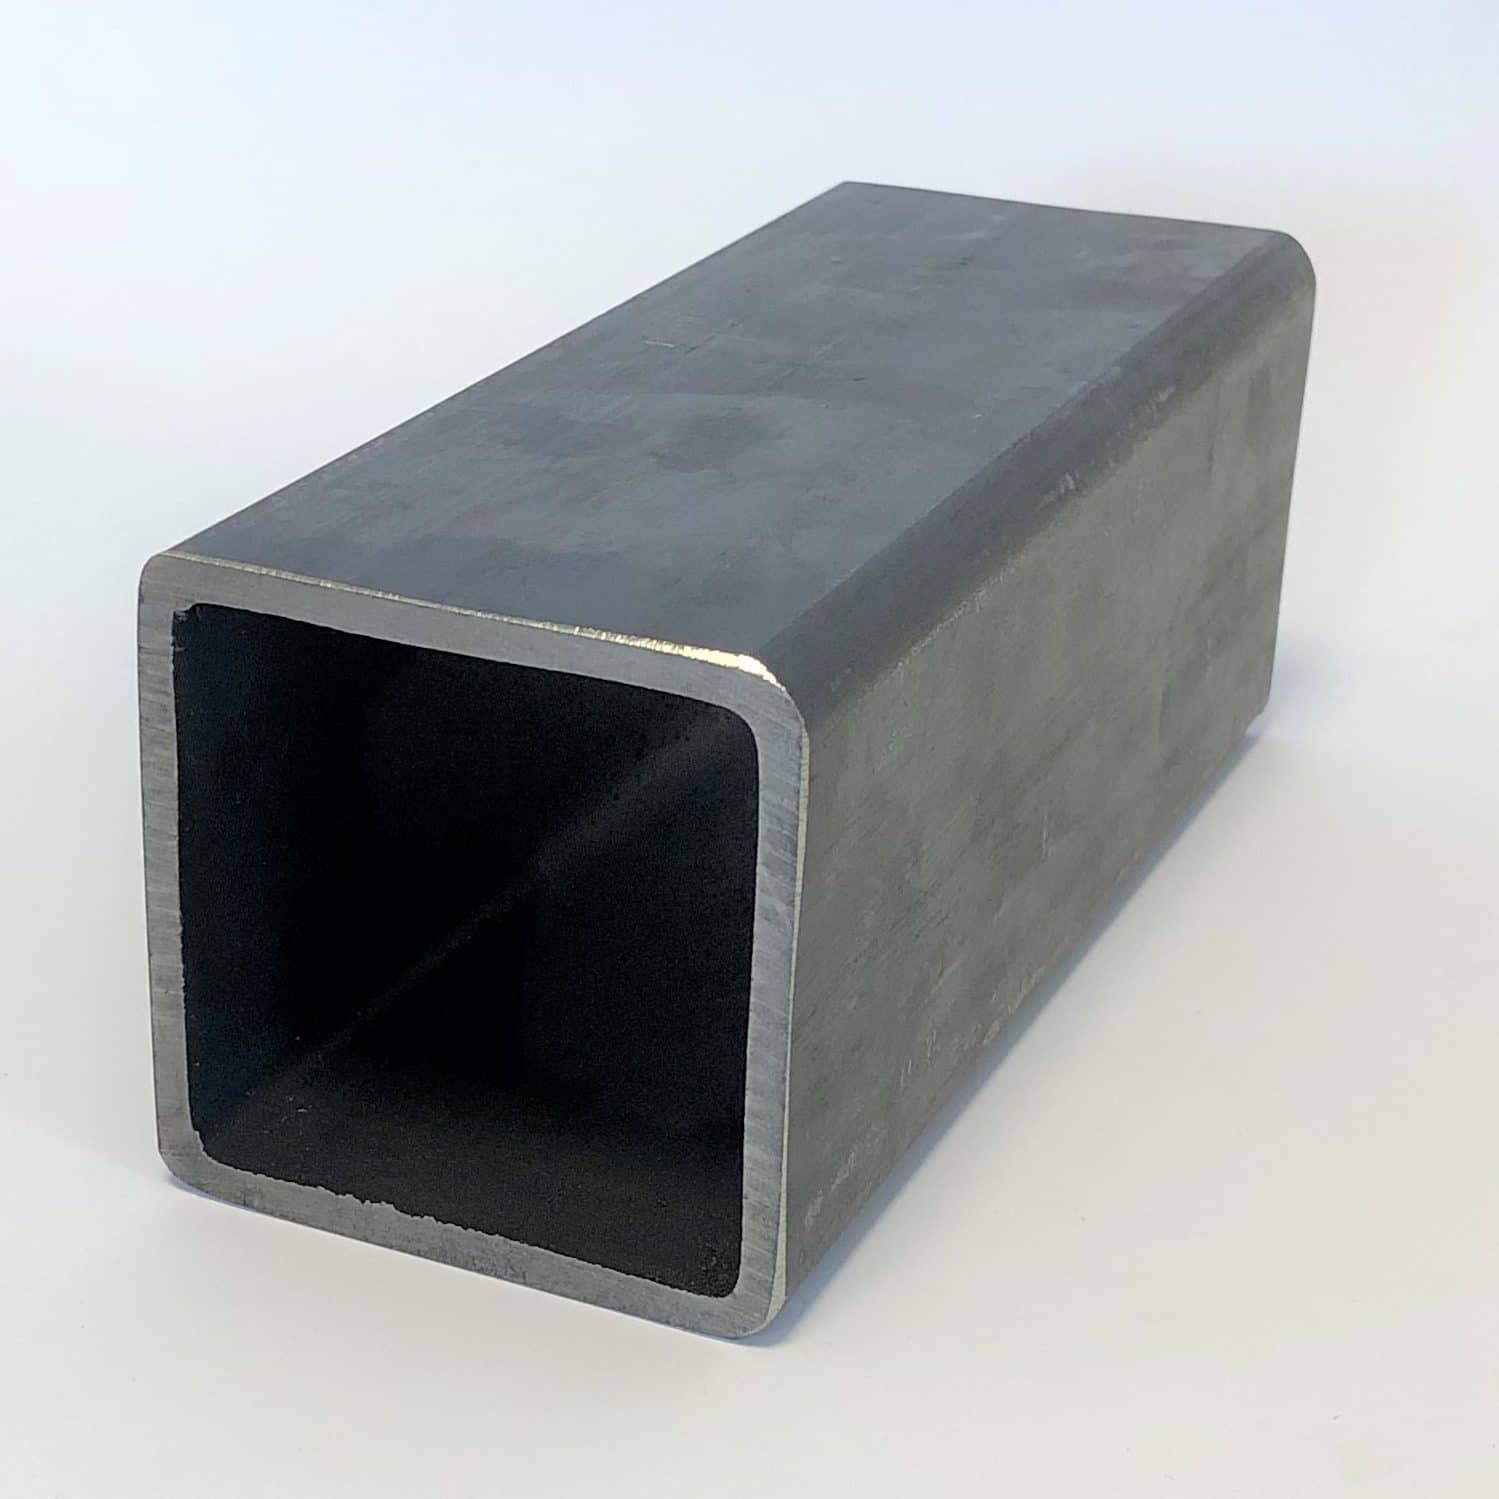 Bild på ett varmformat konstruktionsrör från Bromma Stål